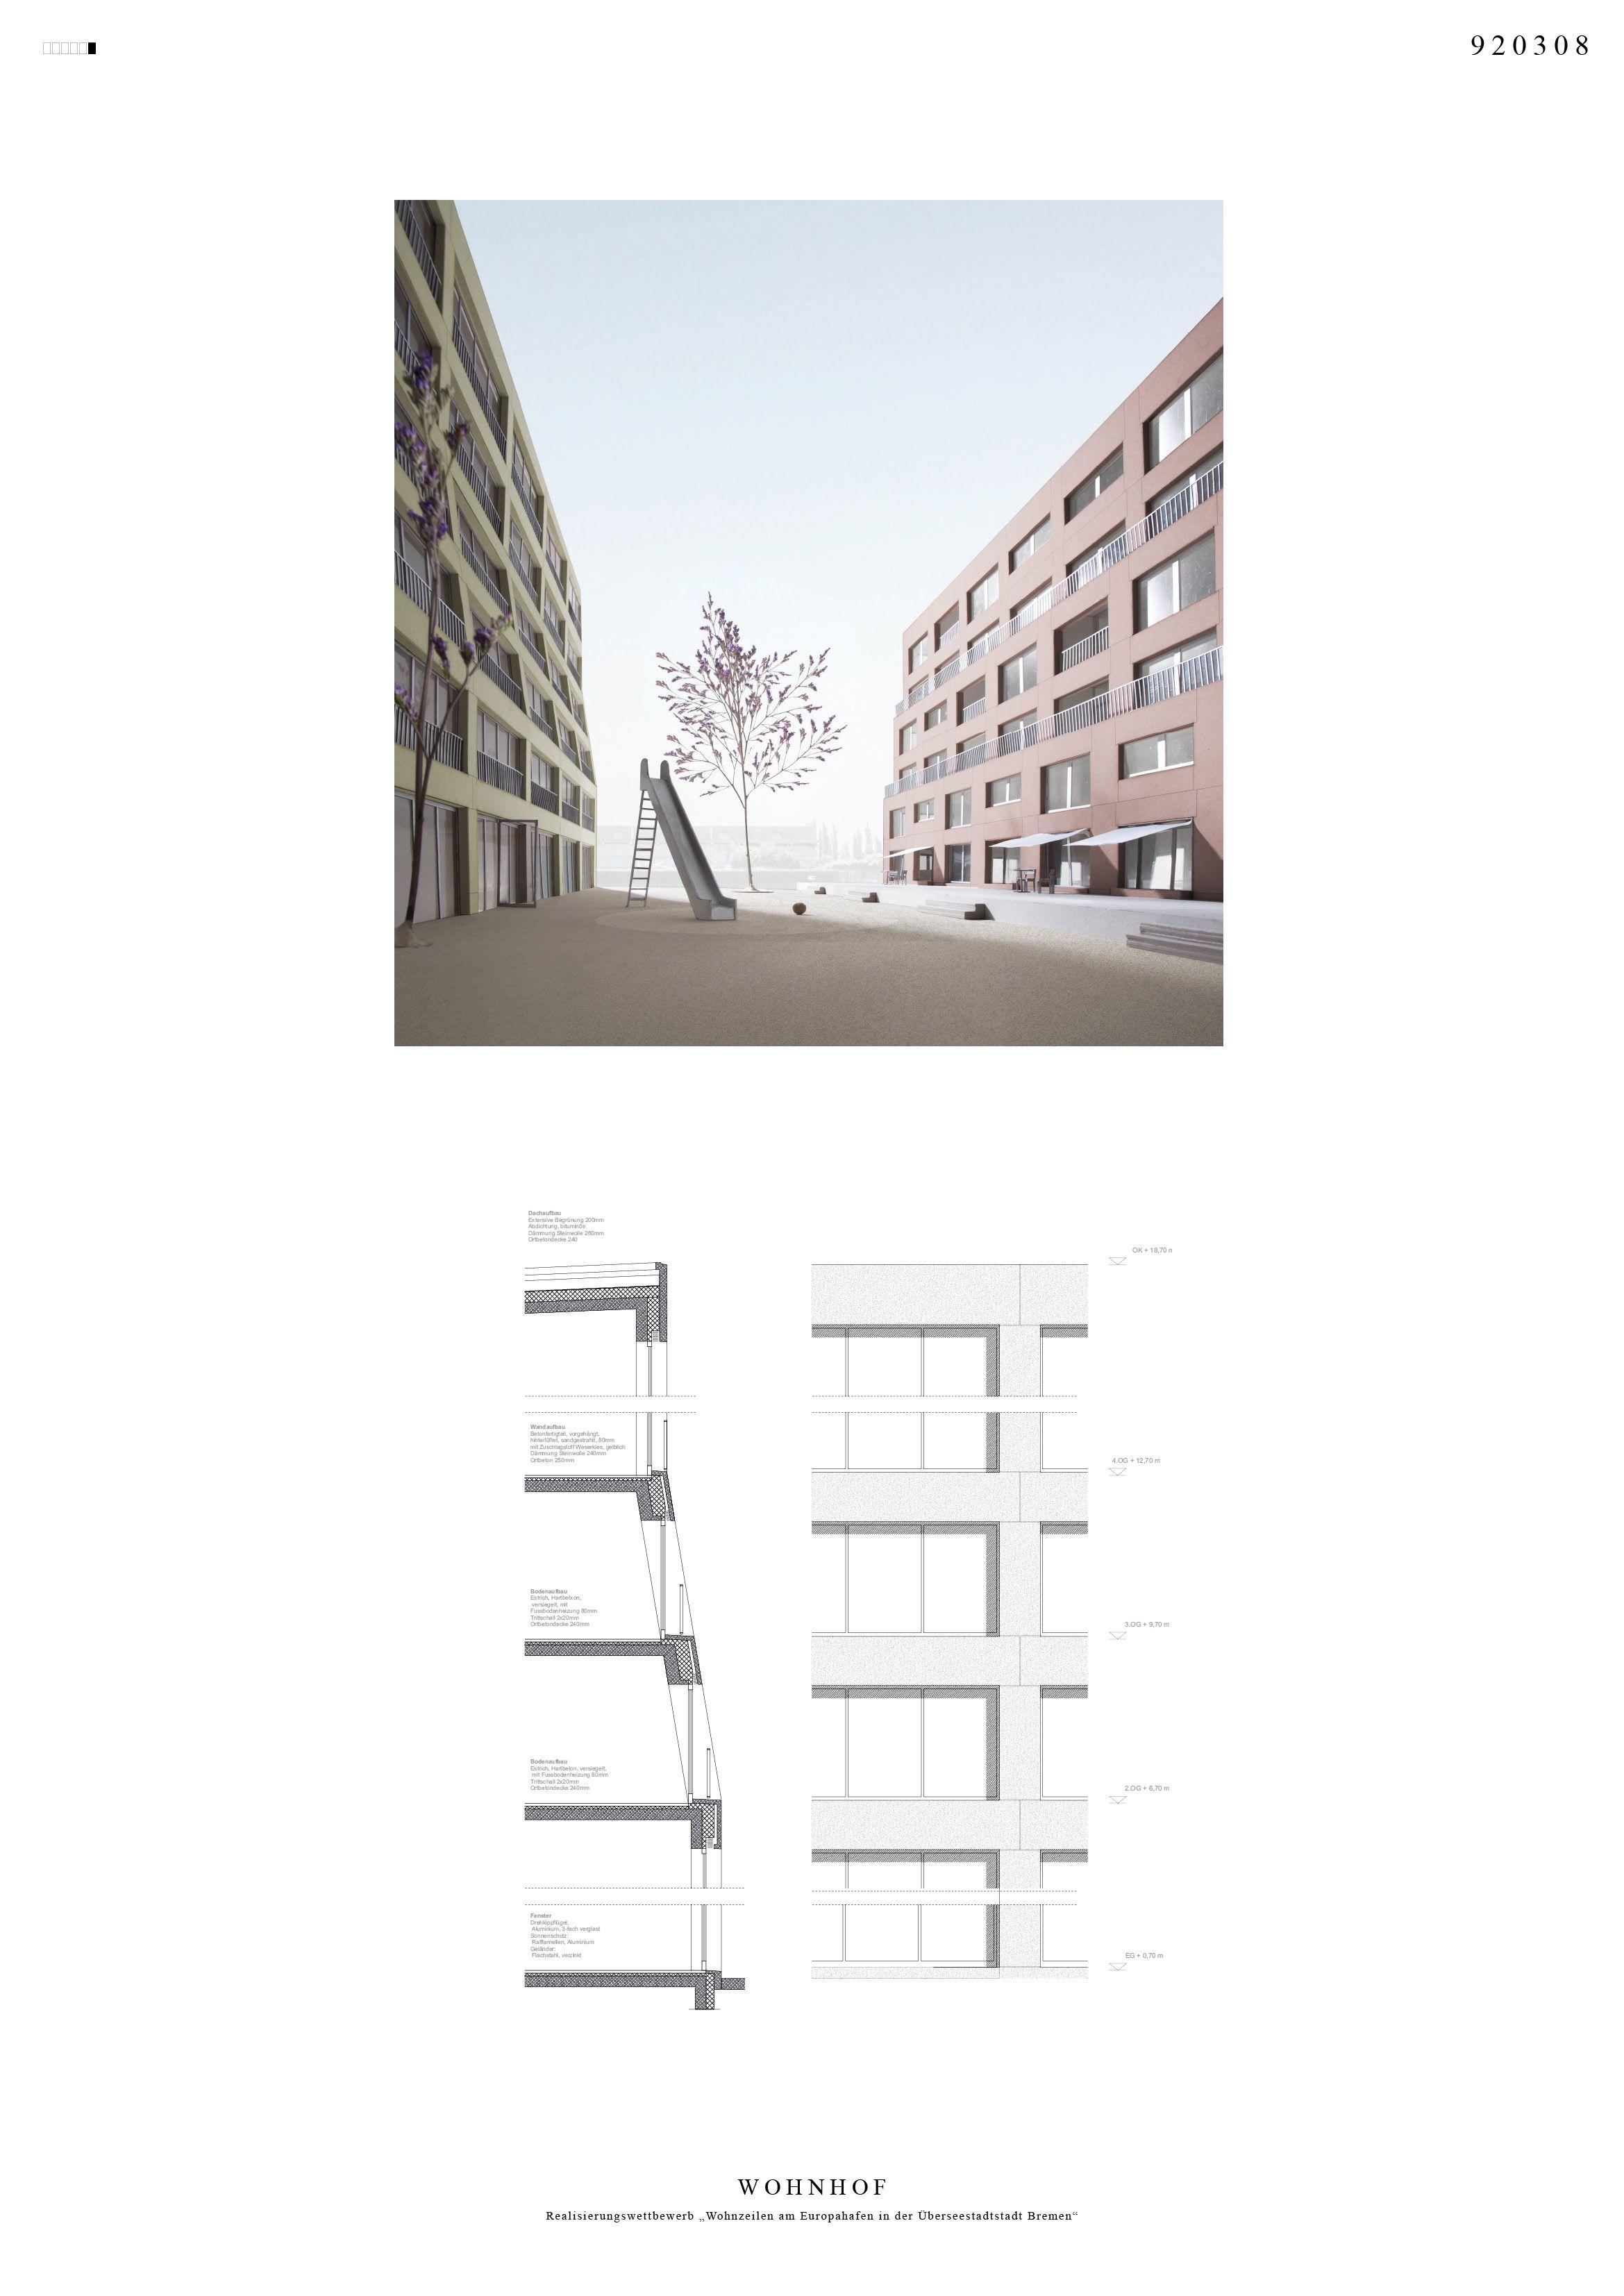 Wohnhof C Felgendreher Olfs Kochling Architektur